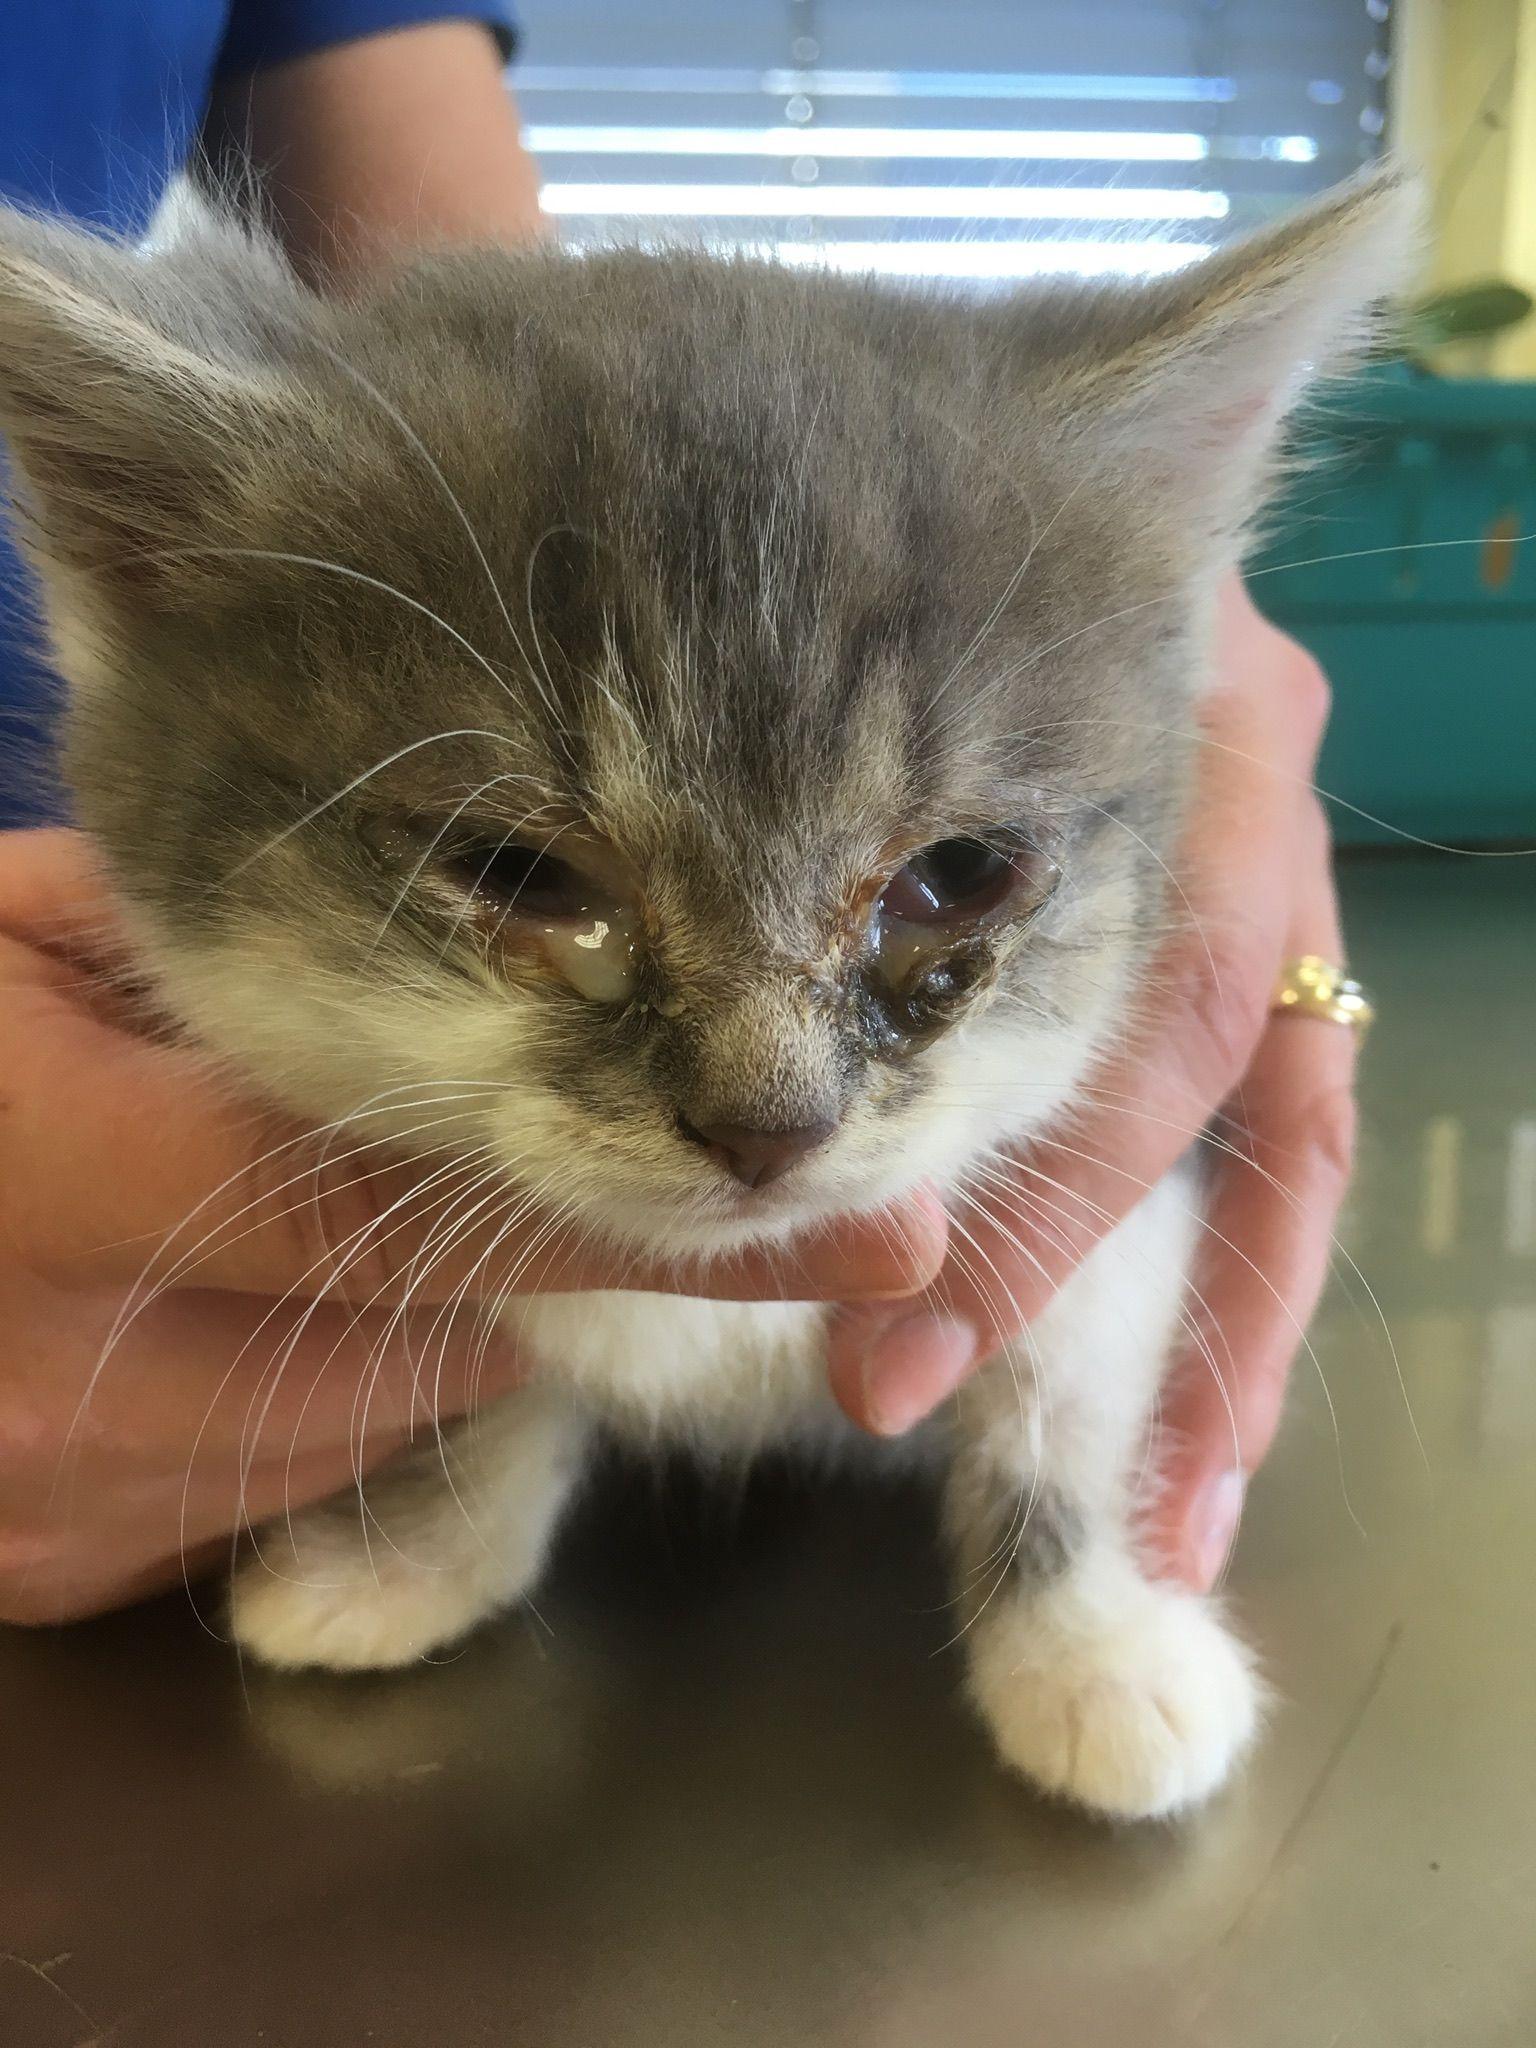 Im Gegensatz Zum Schnupfen Bei Menschen Ist Der Katzenschnupfen Recht Gefahrlich Und Kann Sogar Todlich Verlaufen In 2020 Katzenkrankheiten Katzen Krankheit